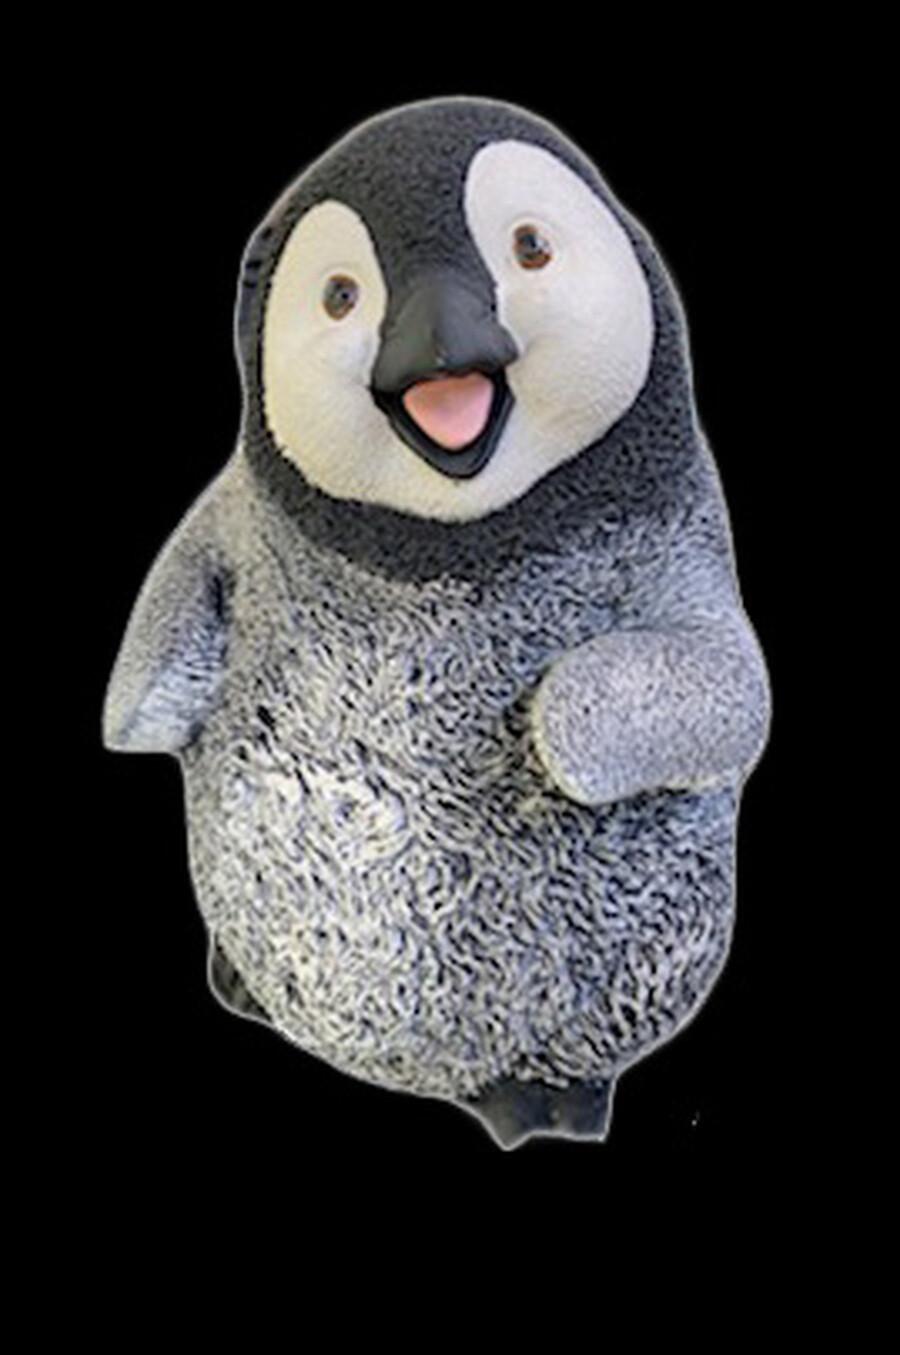 Happy Feet the Penguin